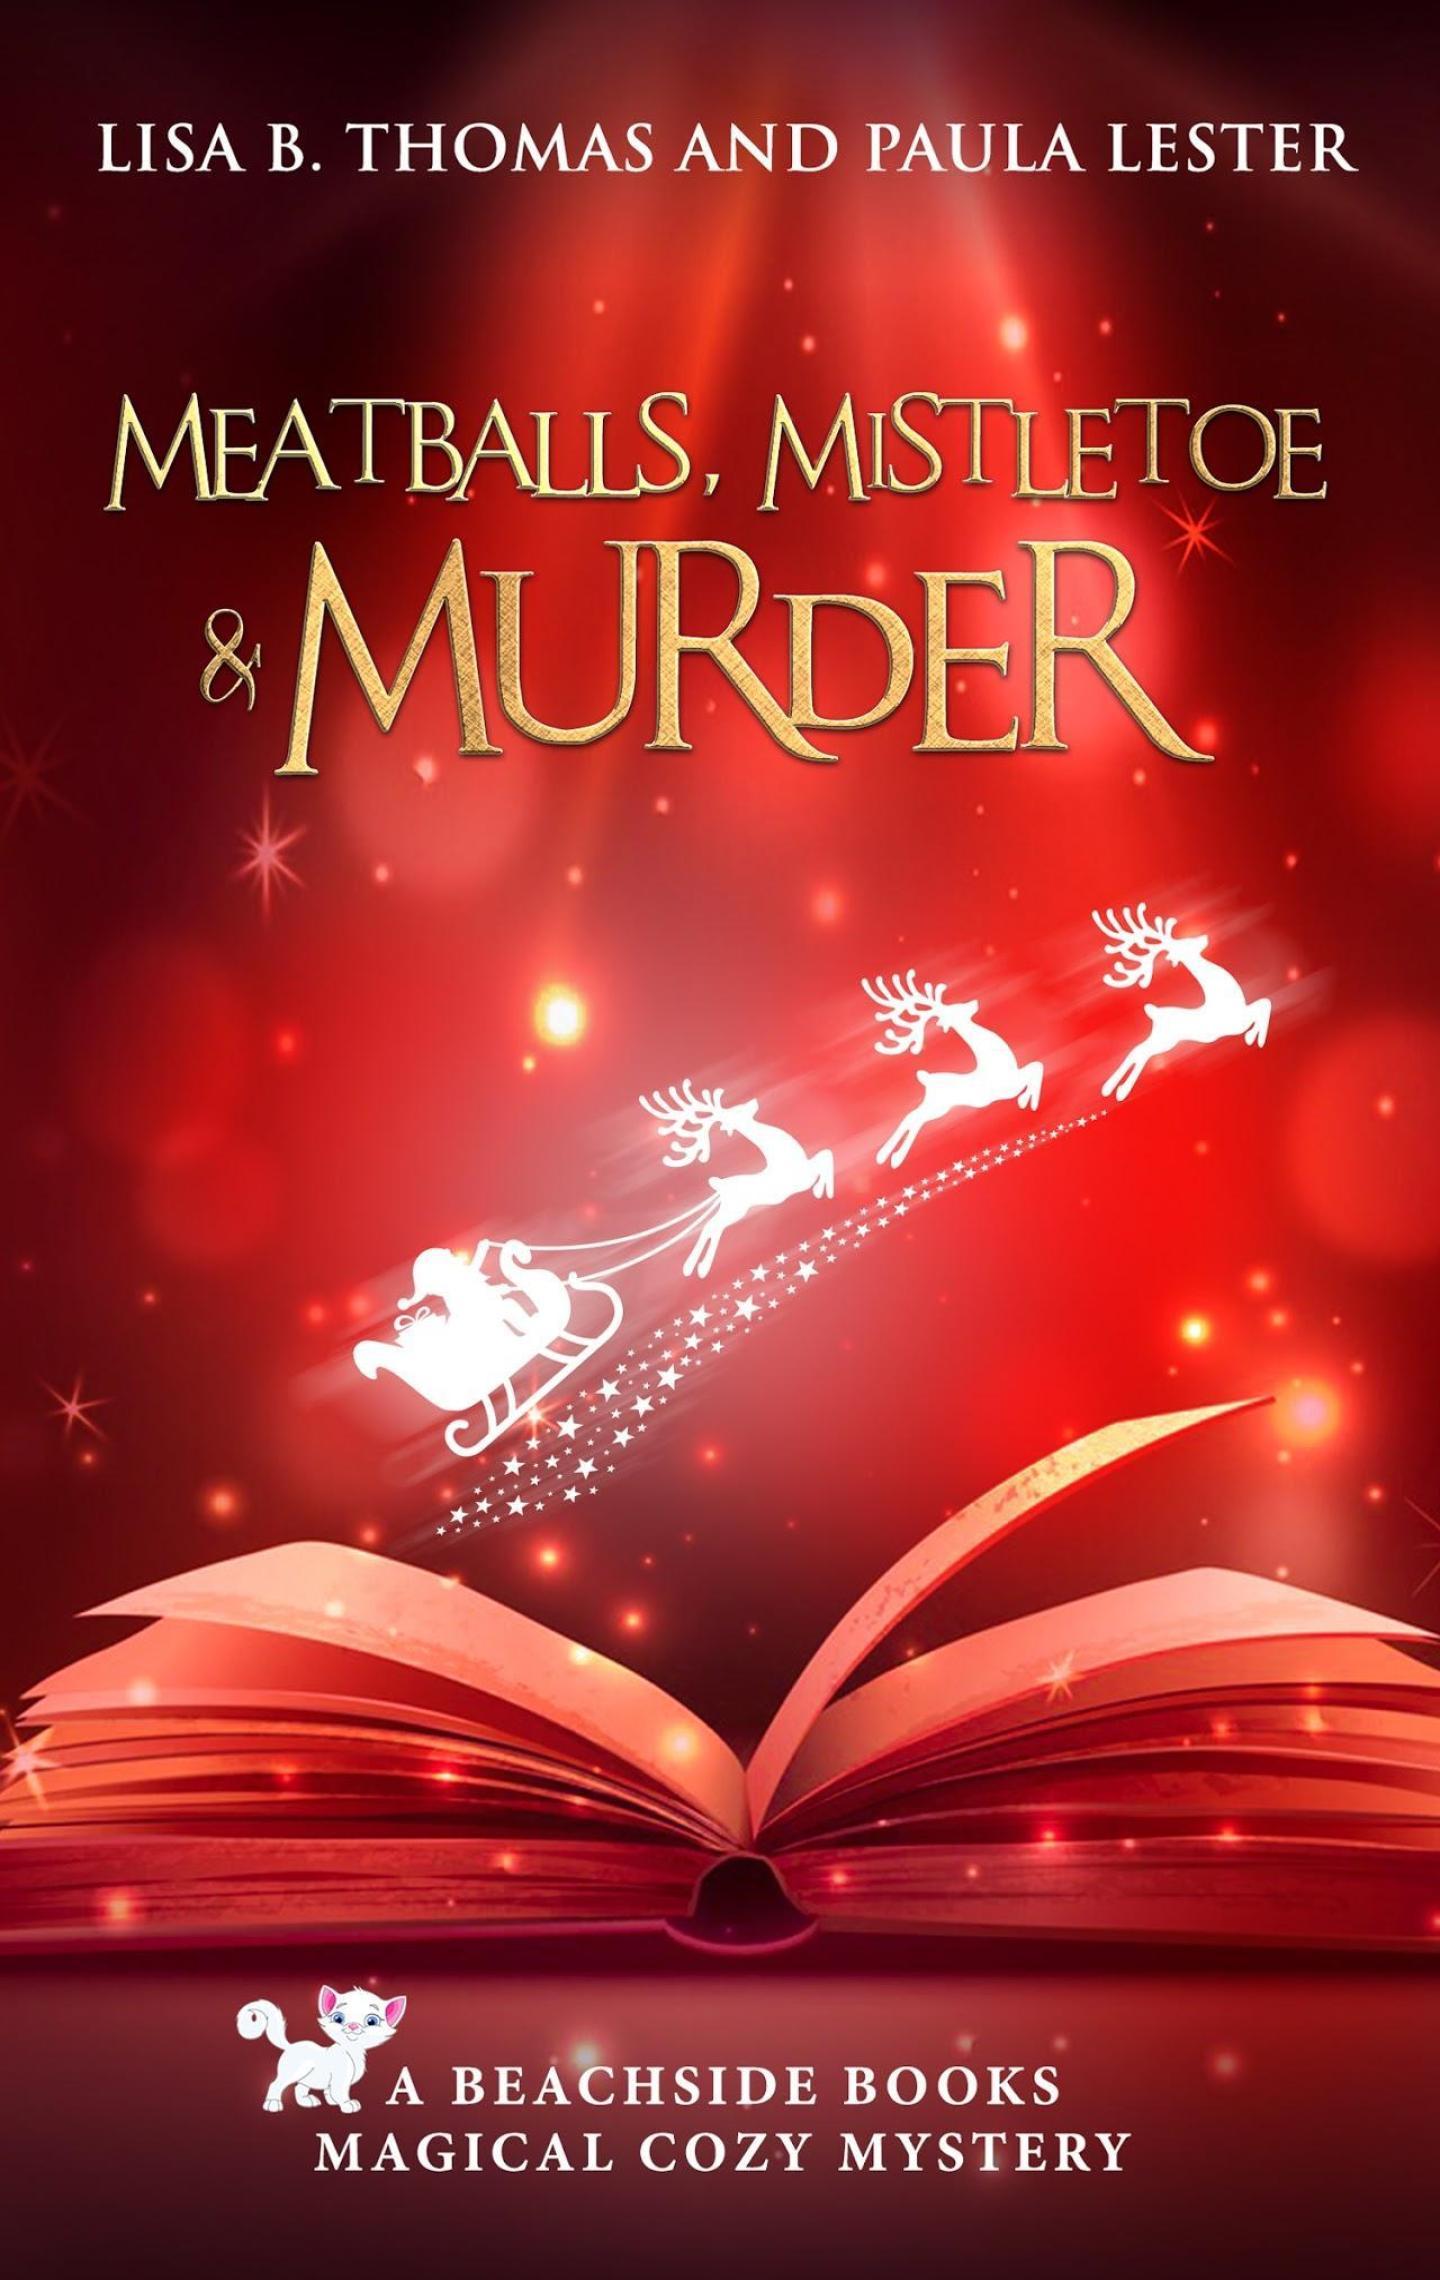 Meatballs, Mistletoe and Murder (Beachside Books 5)